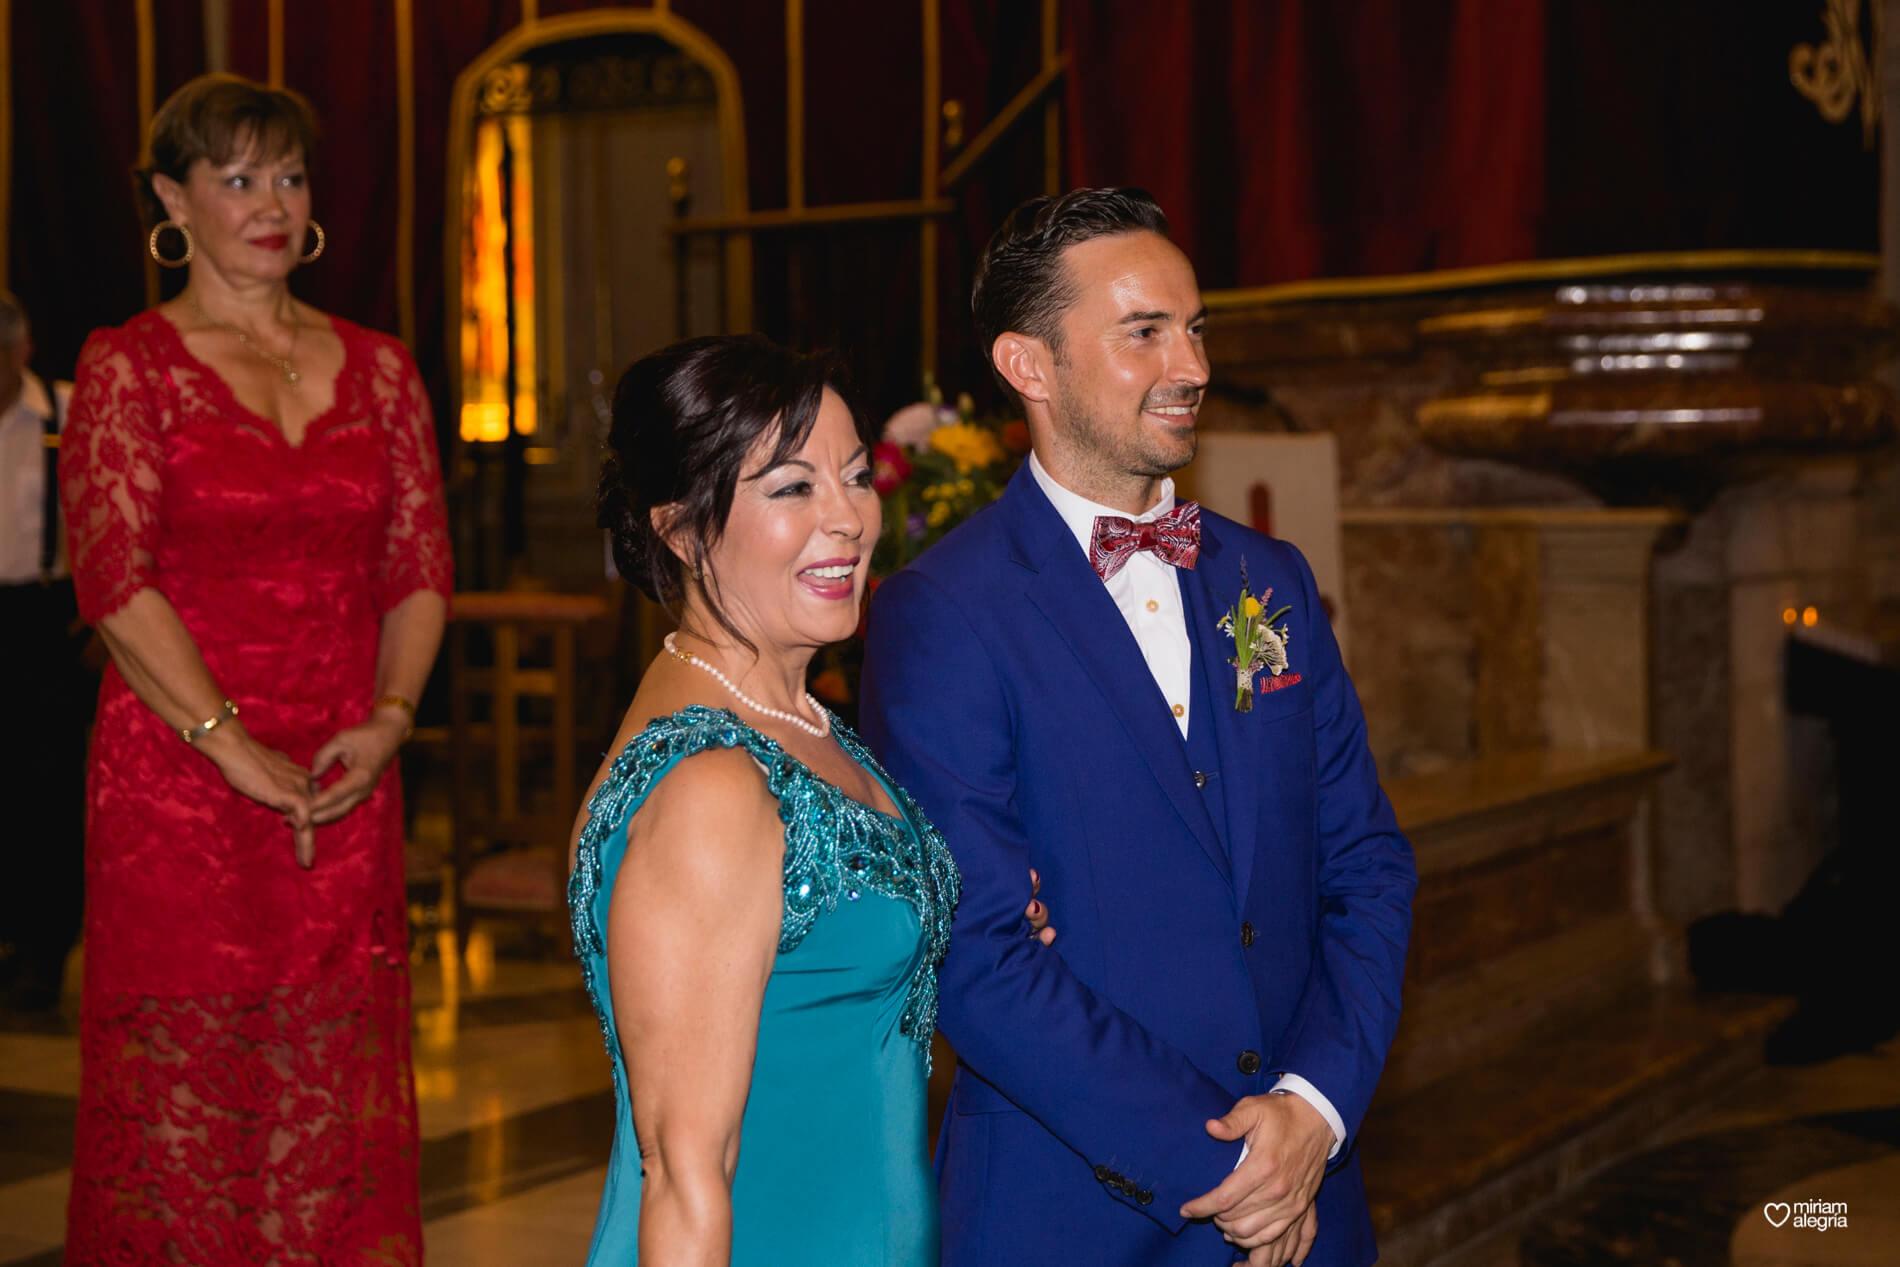 wedding-huerto-del-cura-elche-miriam-alegria-fotografos-boda-210